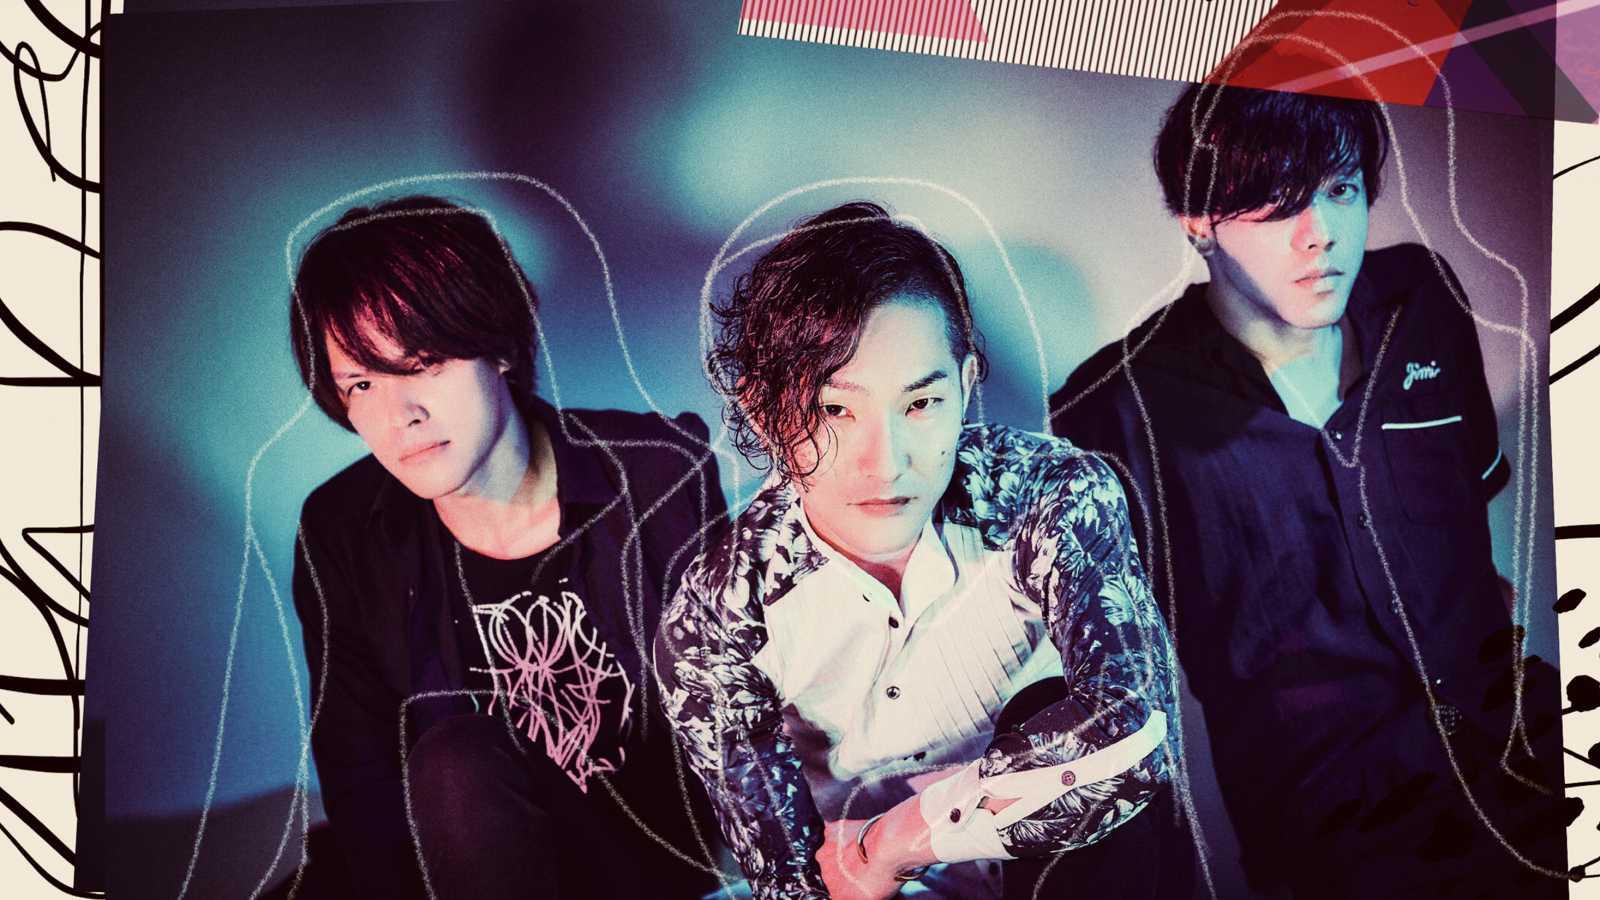 folcan uusi EP ilmestyy ensi viikolla – bändi tarjoaa YouTubessa etänä äänitettyjä lauluja ja aiempia studiokeikkojaan © folca. All rights reserved.